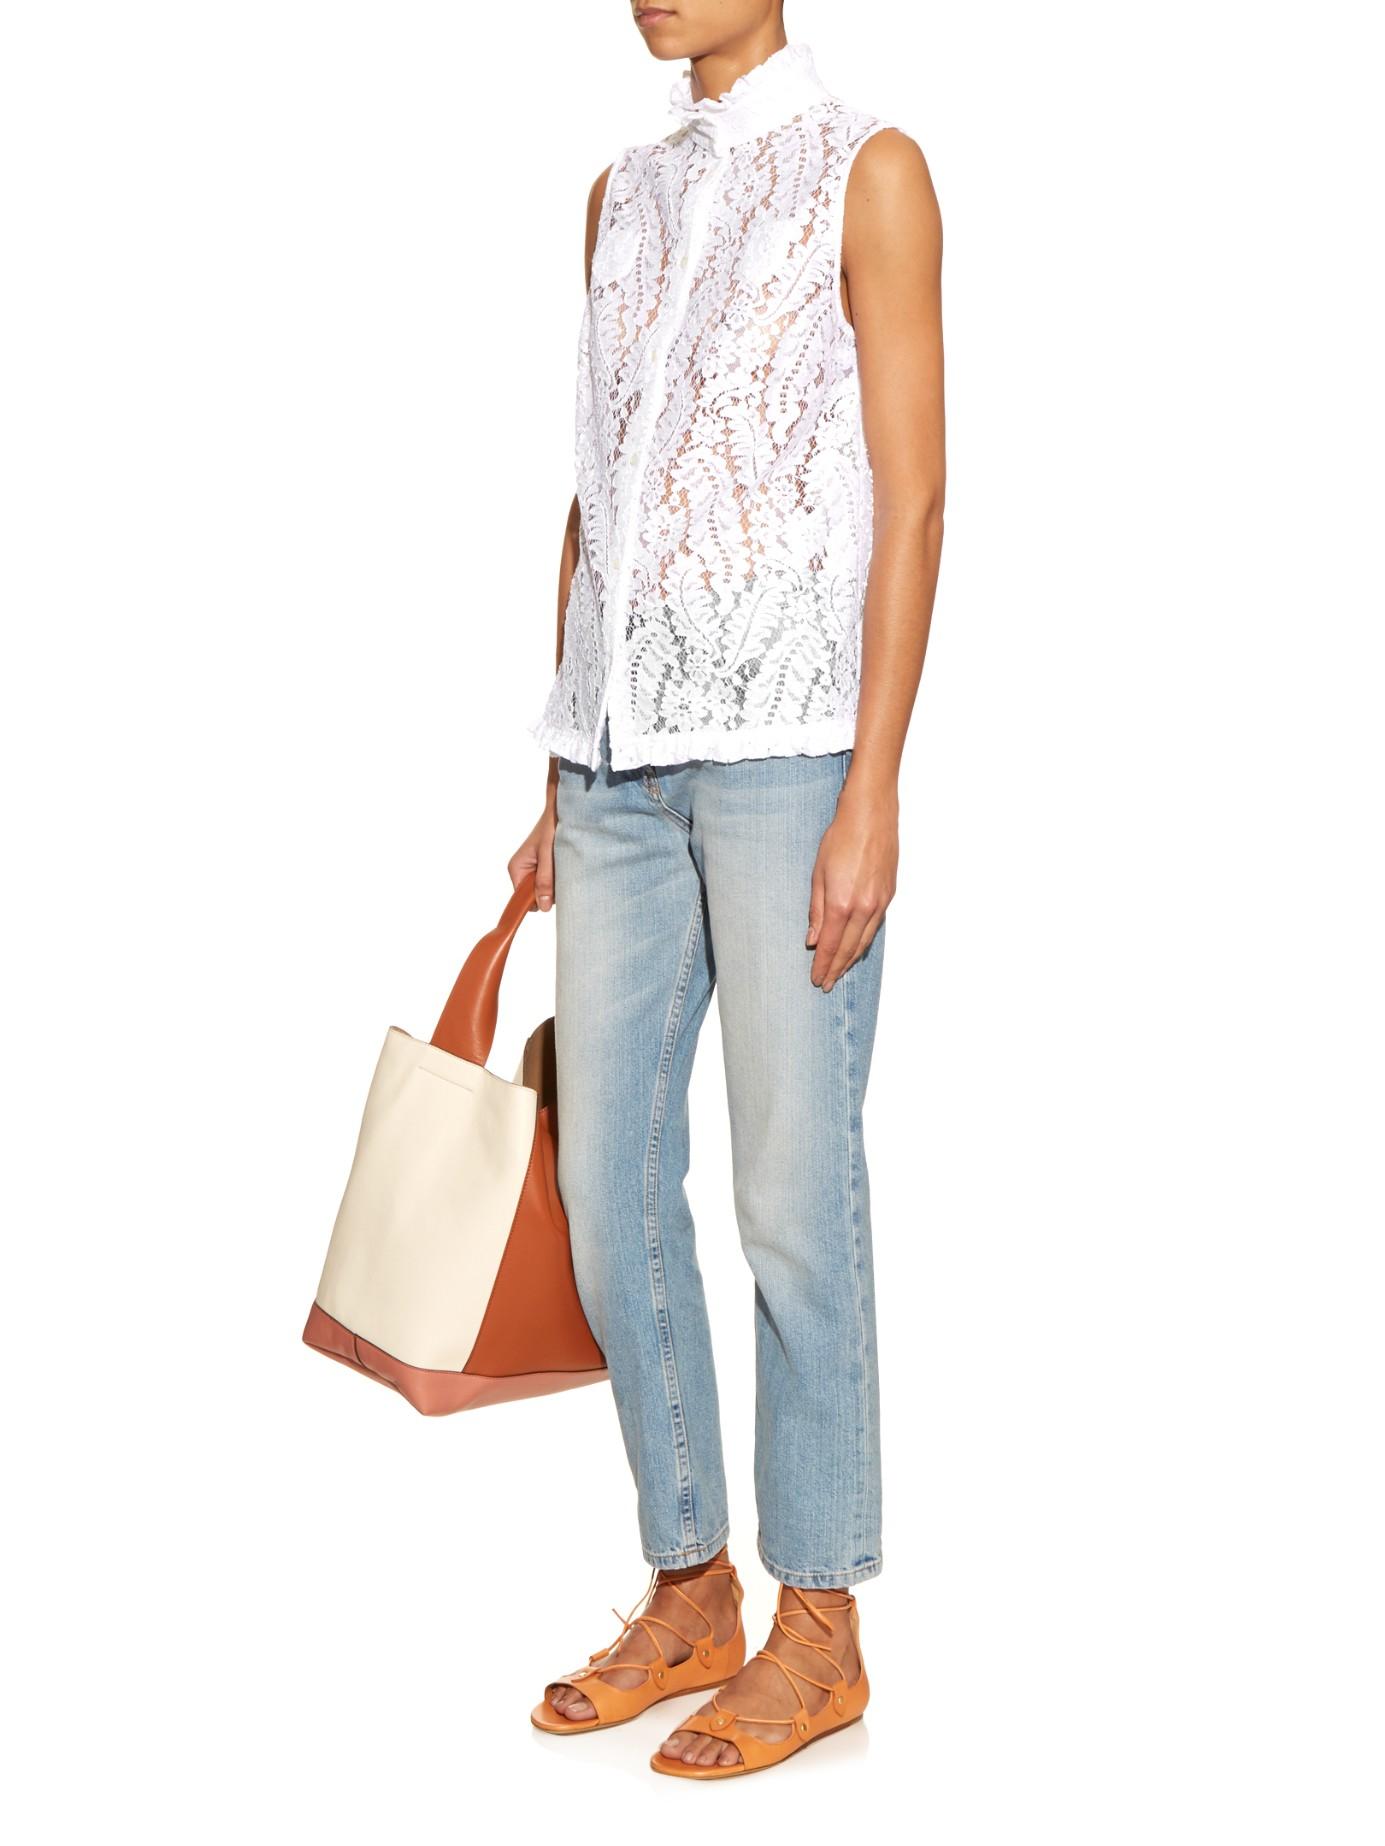 Isabel Marant Alisa Lace-Up Sandals best deals p9bW7Kk